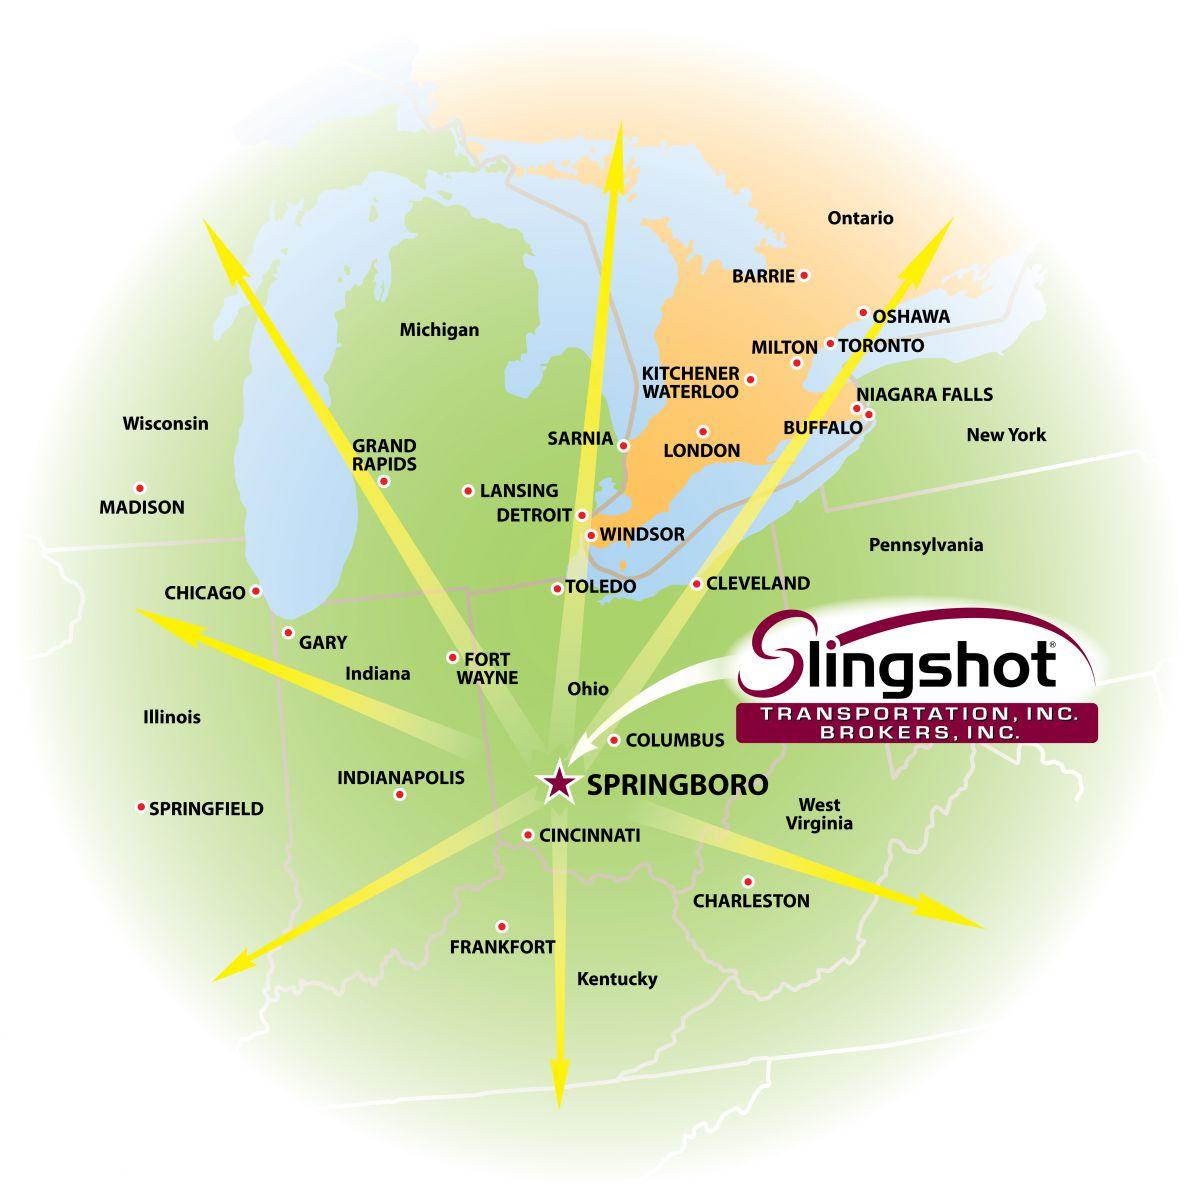 Springboro Ohio Map.Springboro Ohio Freight Leader Office Title